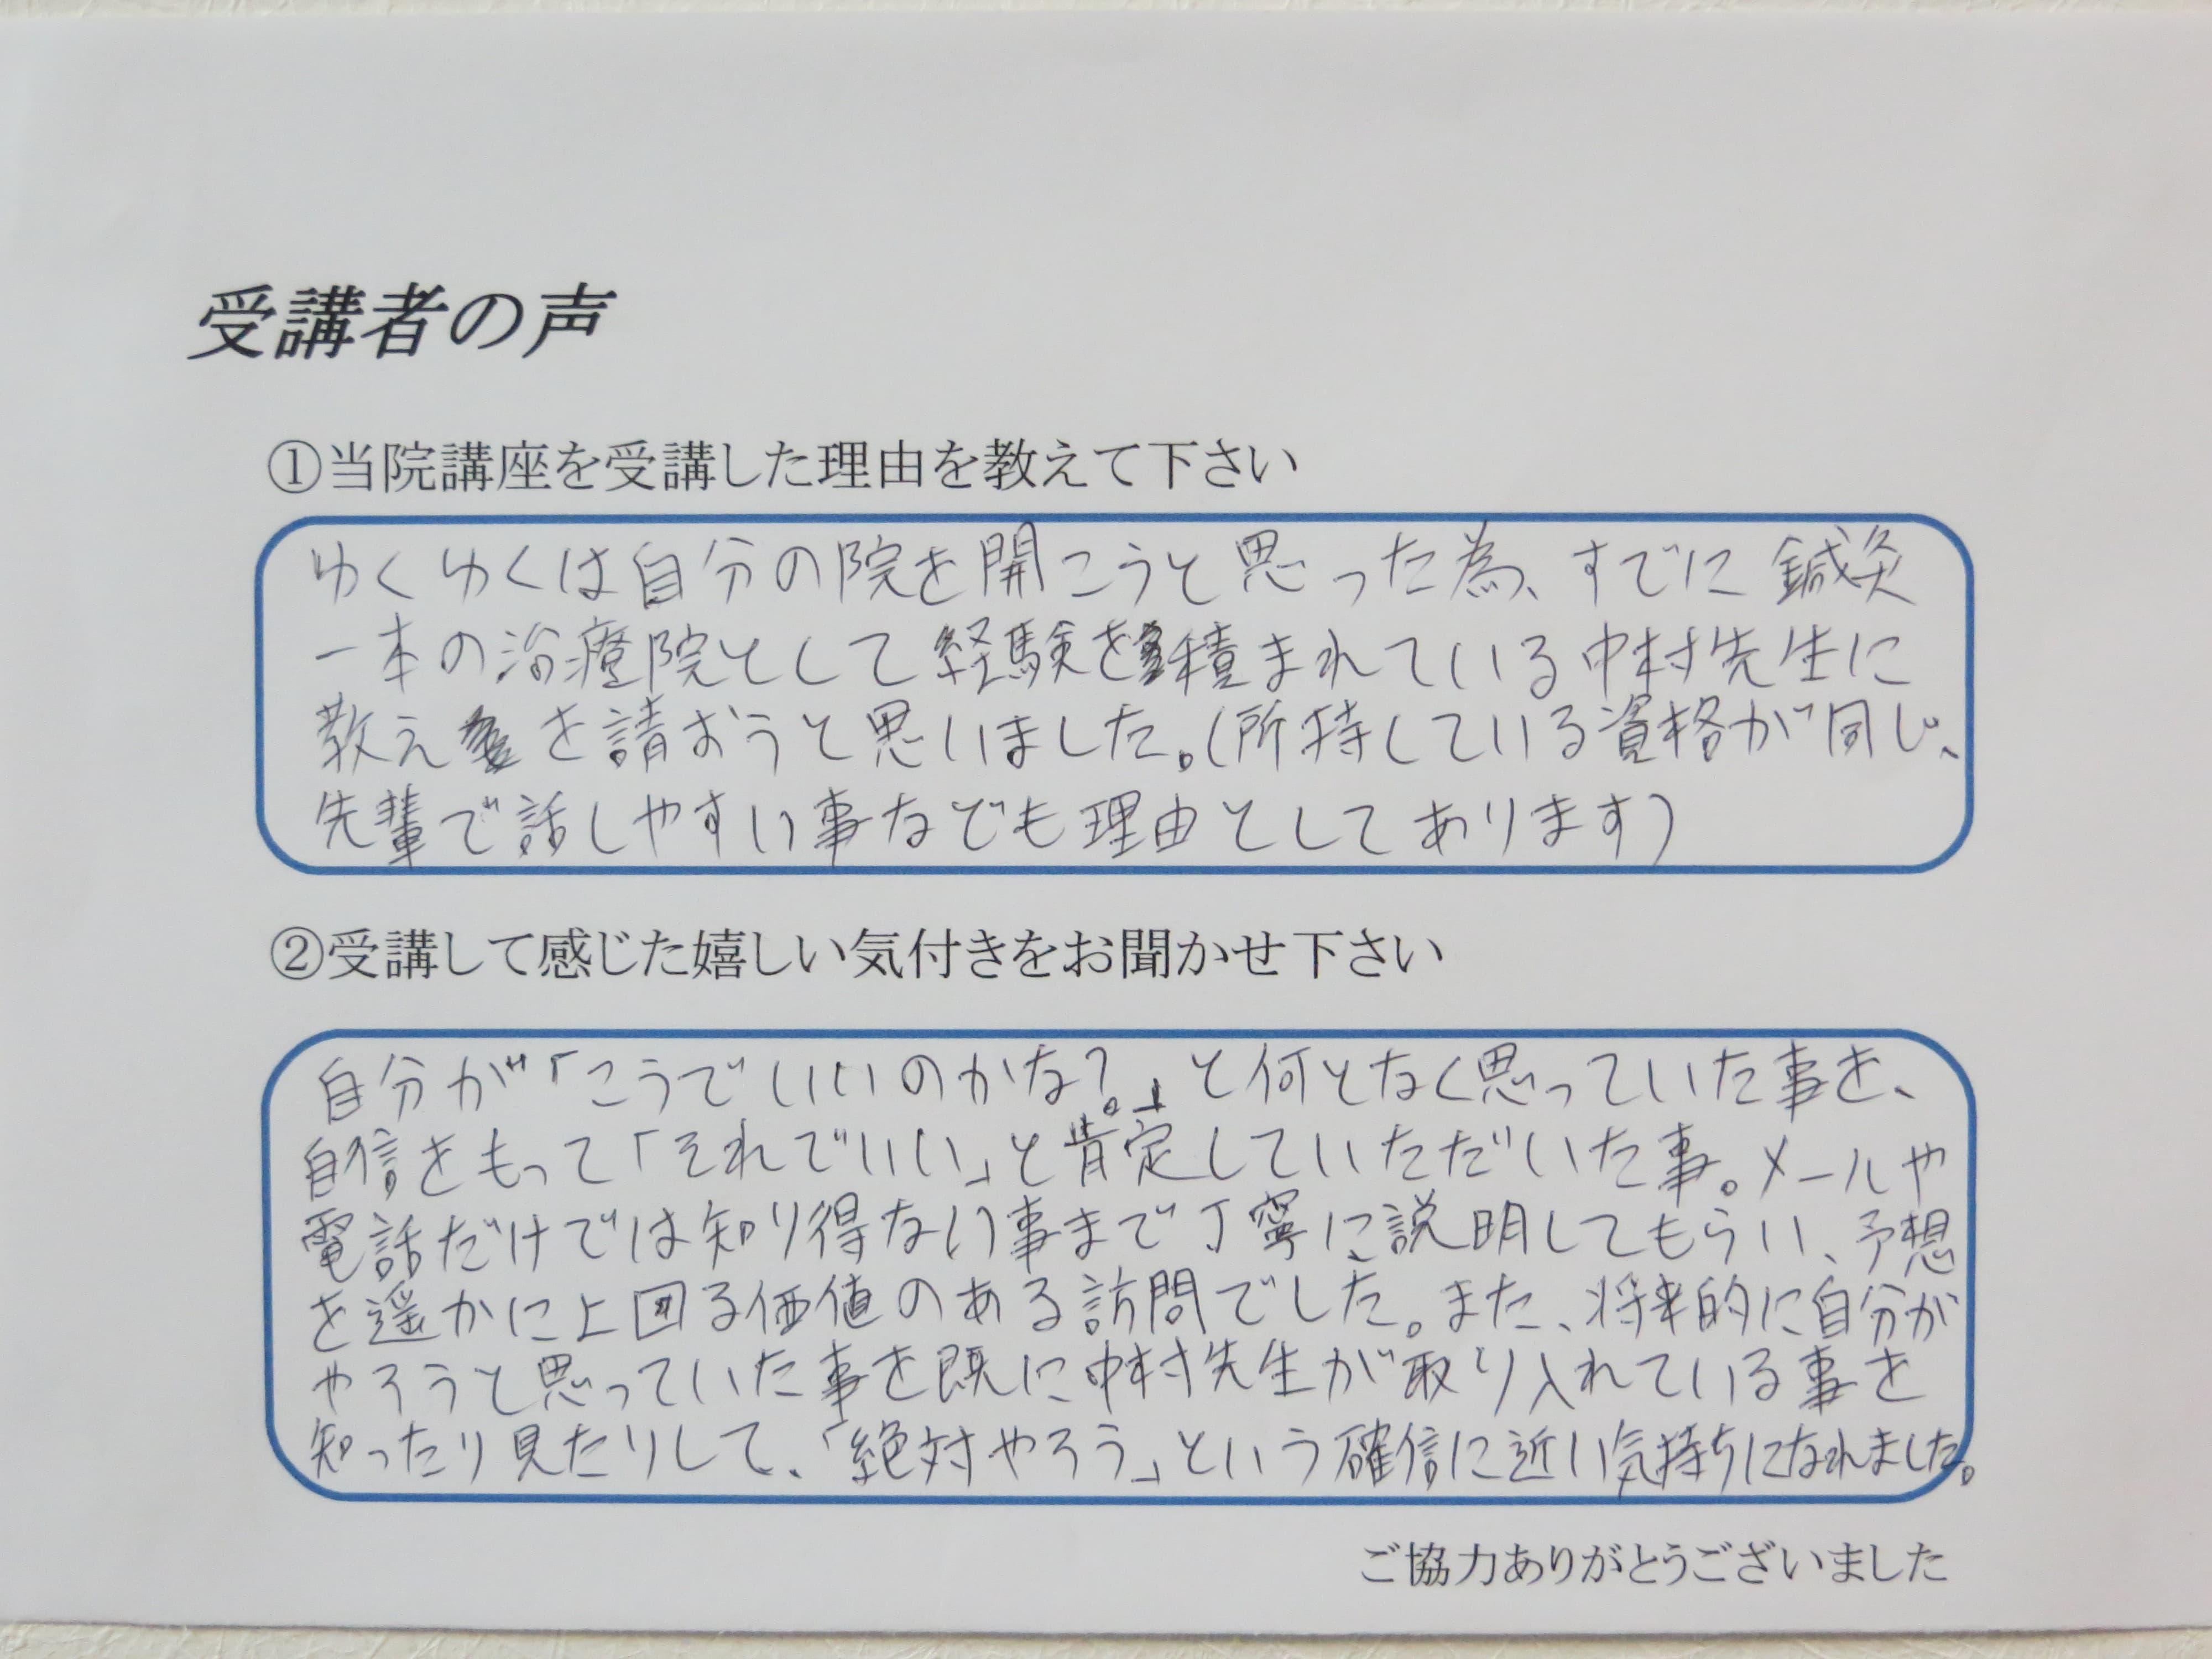 寺西 コンサル.JPG